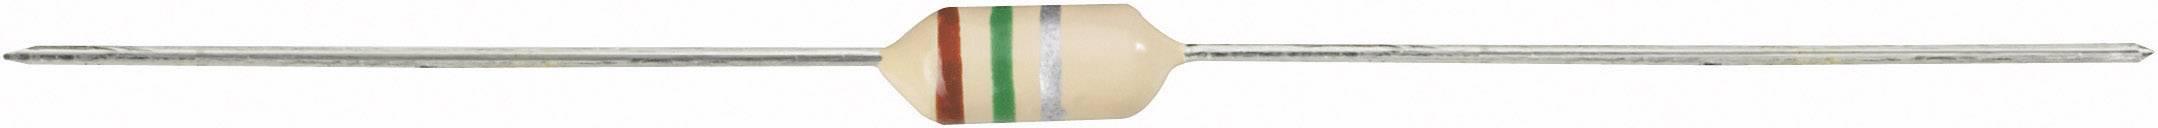 VF cívka Fastron SMCC-100K-02, 10 µH, 0,68 A, 10 %, SMCC-100, ferit